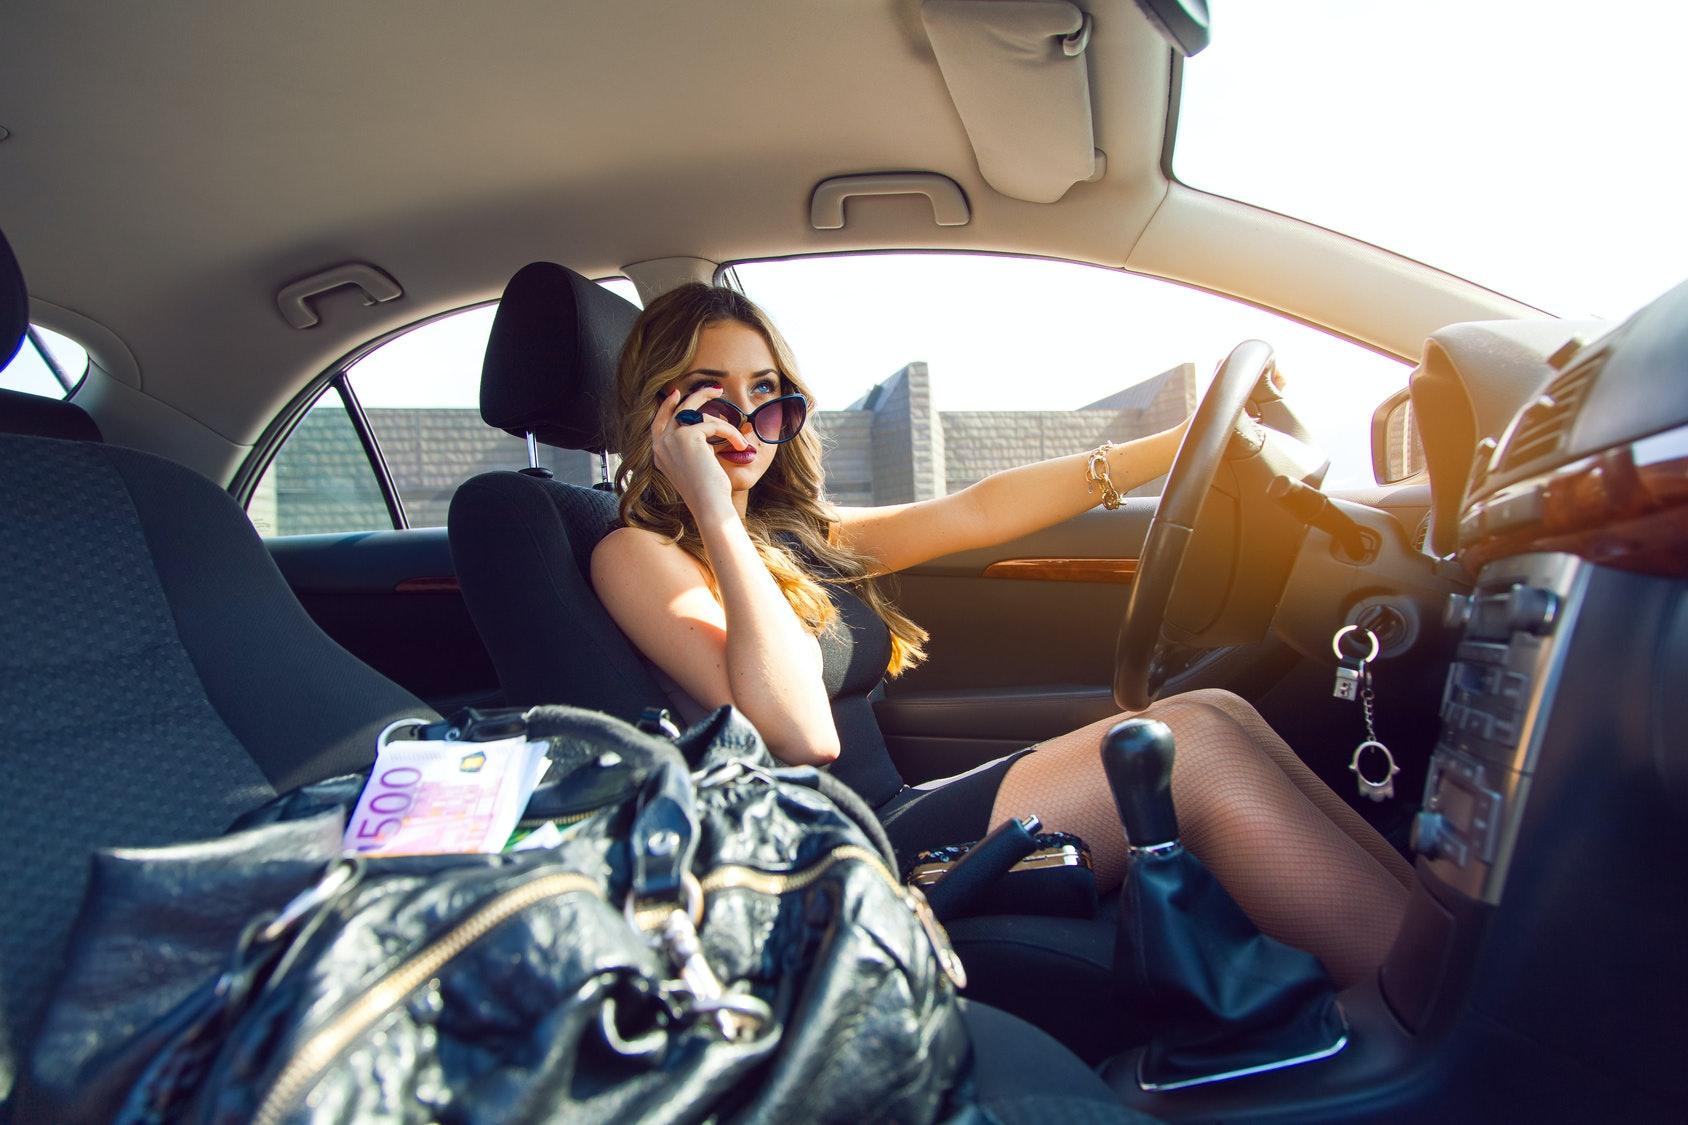 Women masterbating while driving